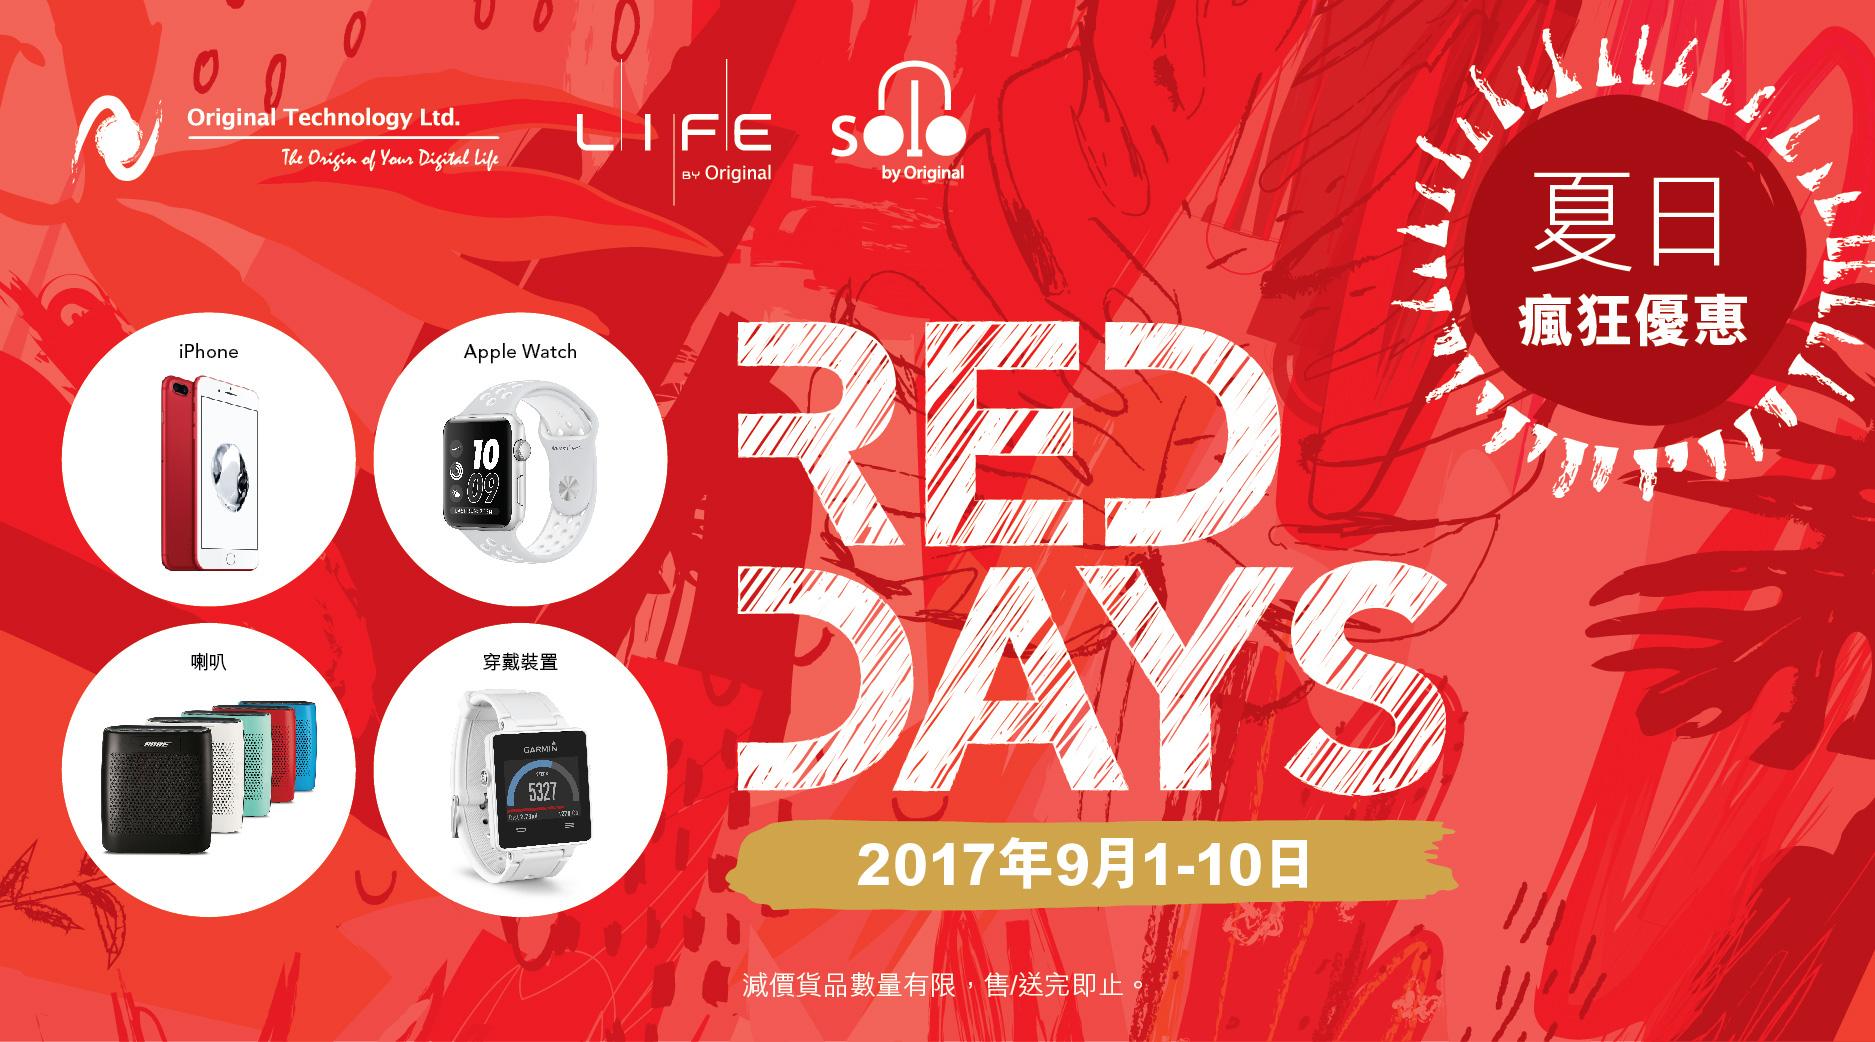 Red_Days_2017_Summer_900x500_02-01.jpg